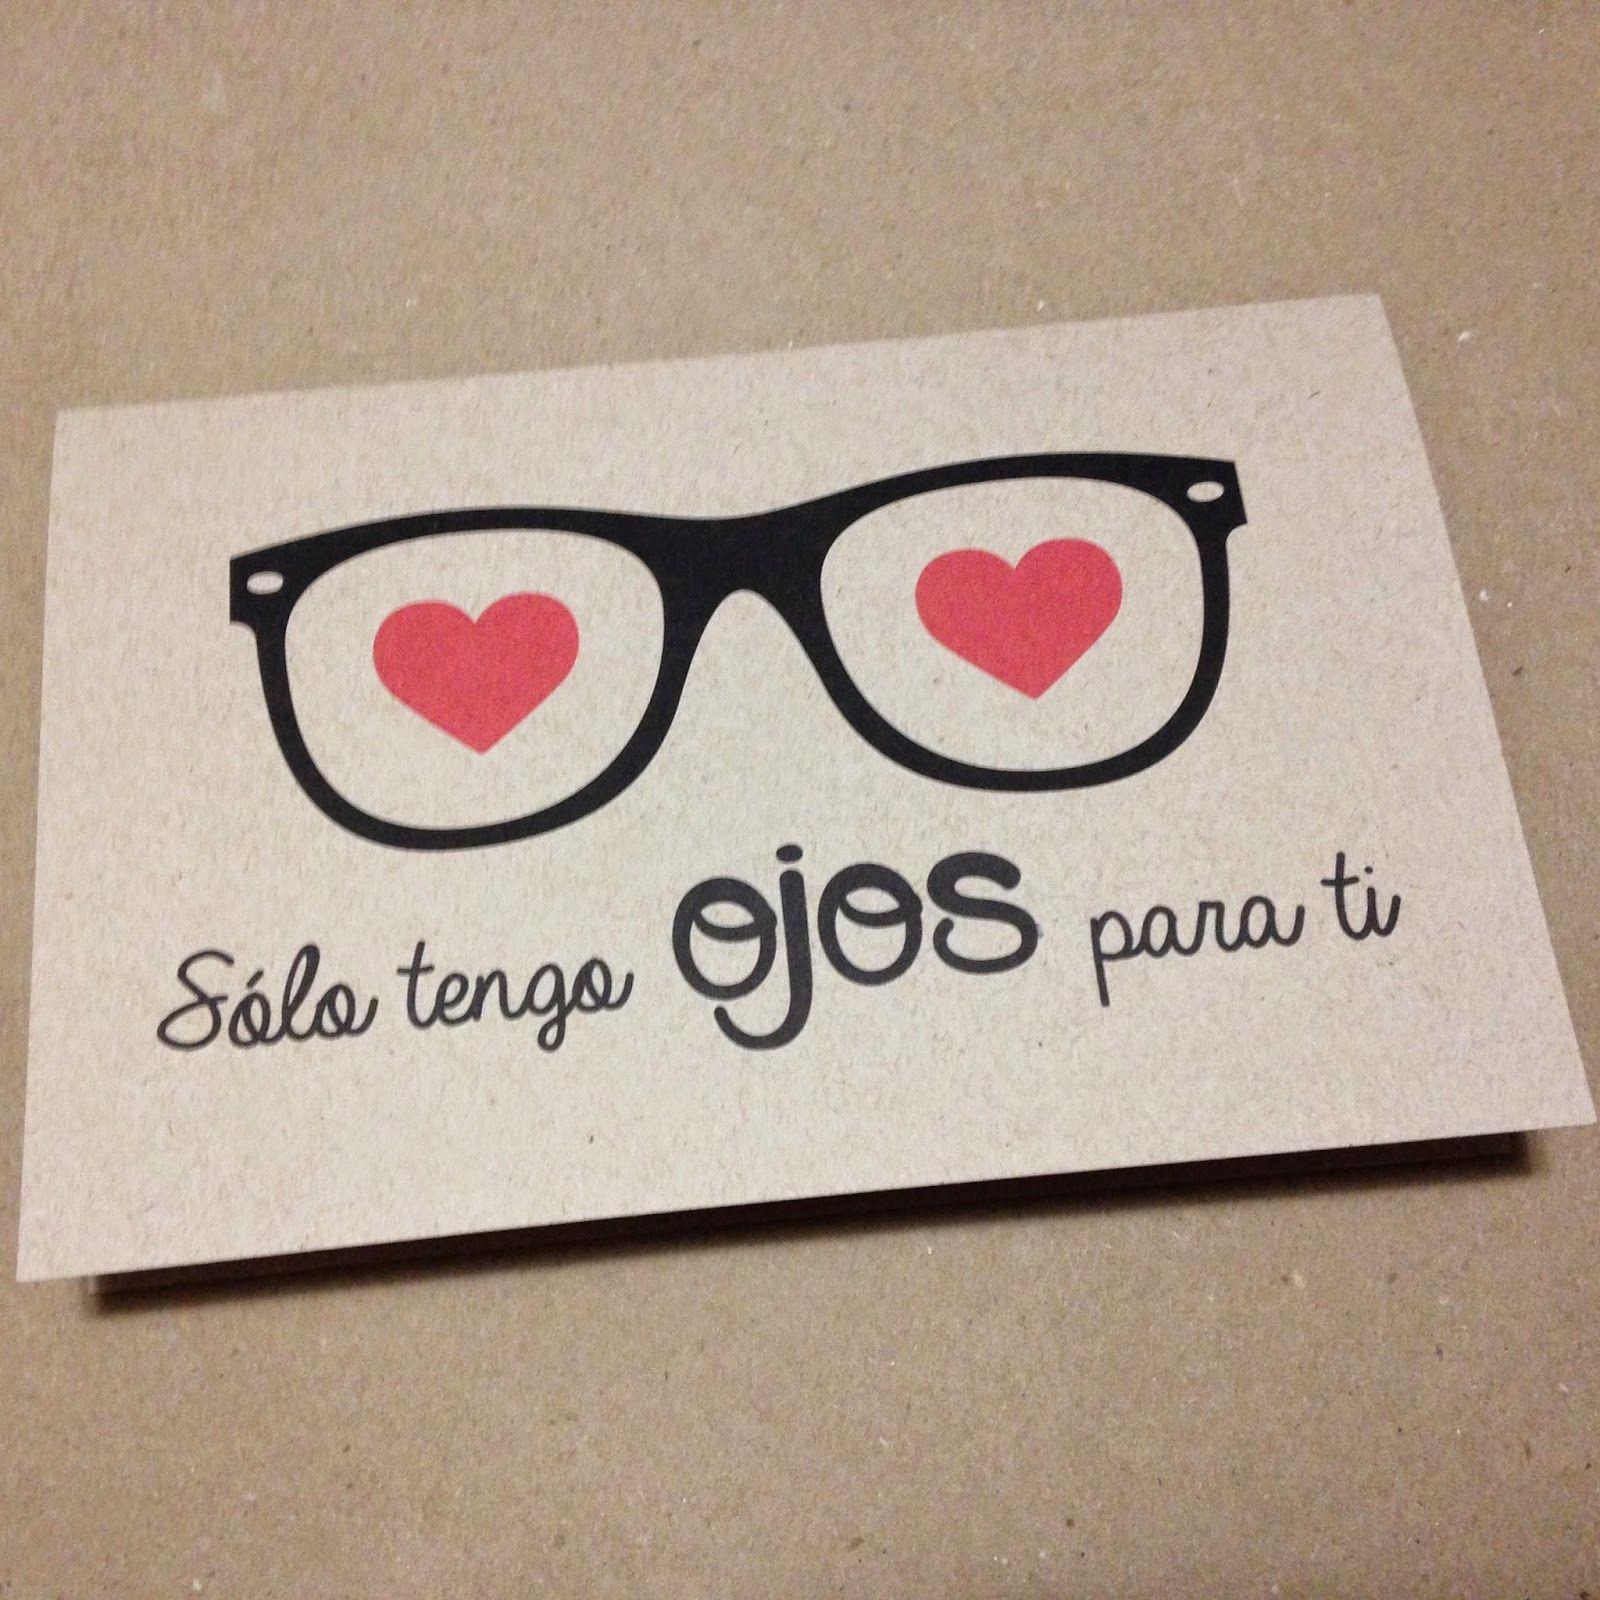 Tarjeta para San Valentín: Sólo tengo ojos para ti | Couples tips ...